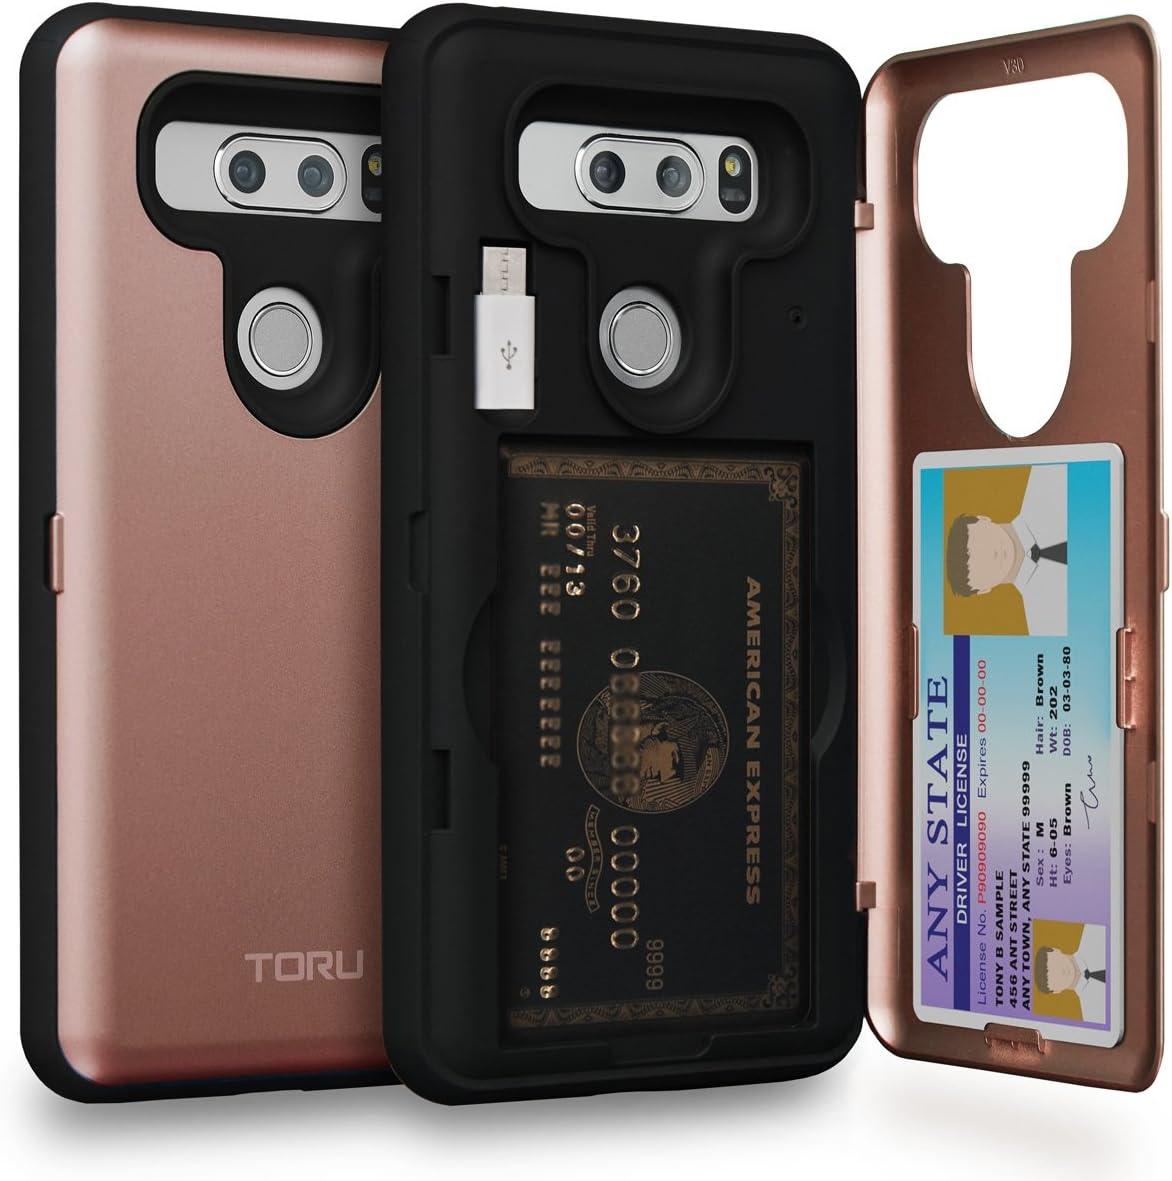 TORU CX PRO LG V30 Wallet Case Pink with Hidden ID Slot Credit Card Holder Hard Cover, Mirror & USB Adapter for LG V30 / LG V30 Plus - Rose Gold